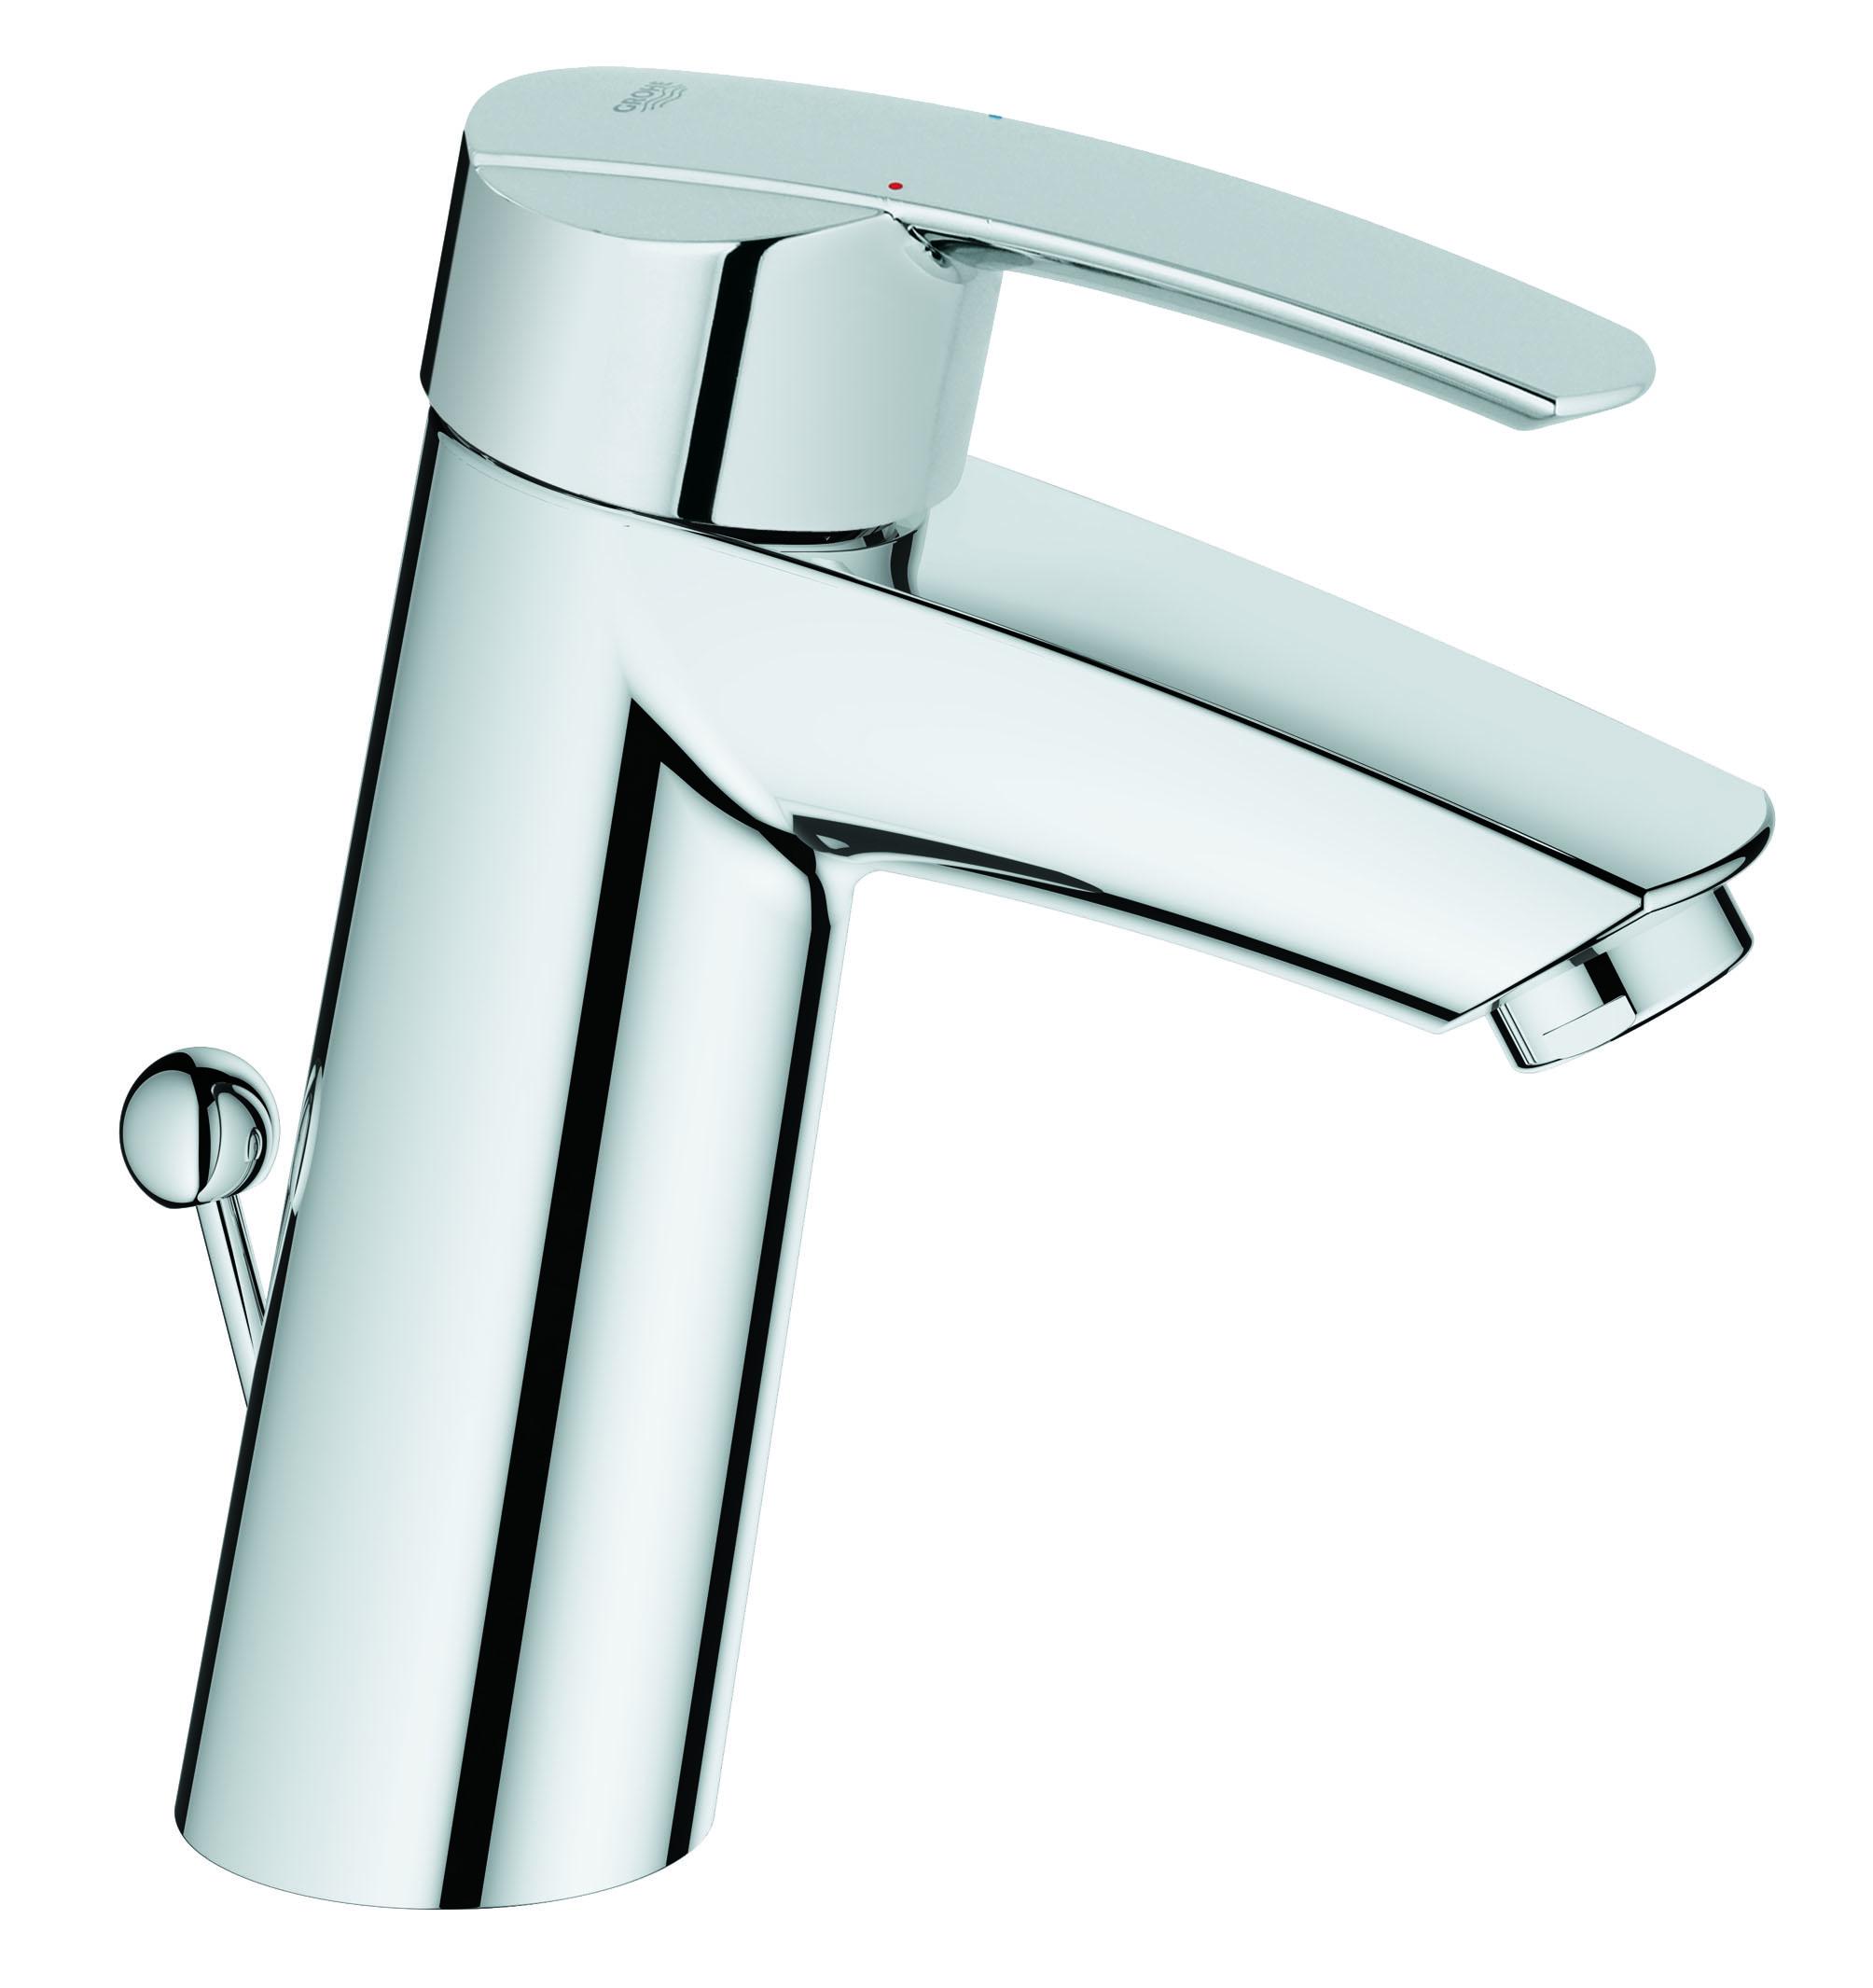 Full Size of Grohe Wasserhahn Waschtisch Einhebelmischer Start Badezimmerarmatur Thermostat Dusche Küche Wandanschluss Bad Für Wohnzimmer Grohe Wasserhahn